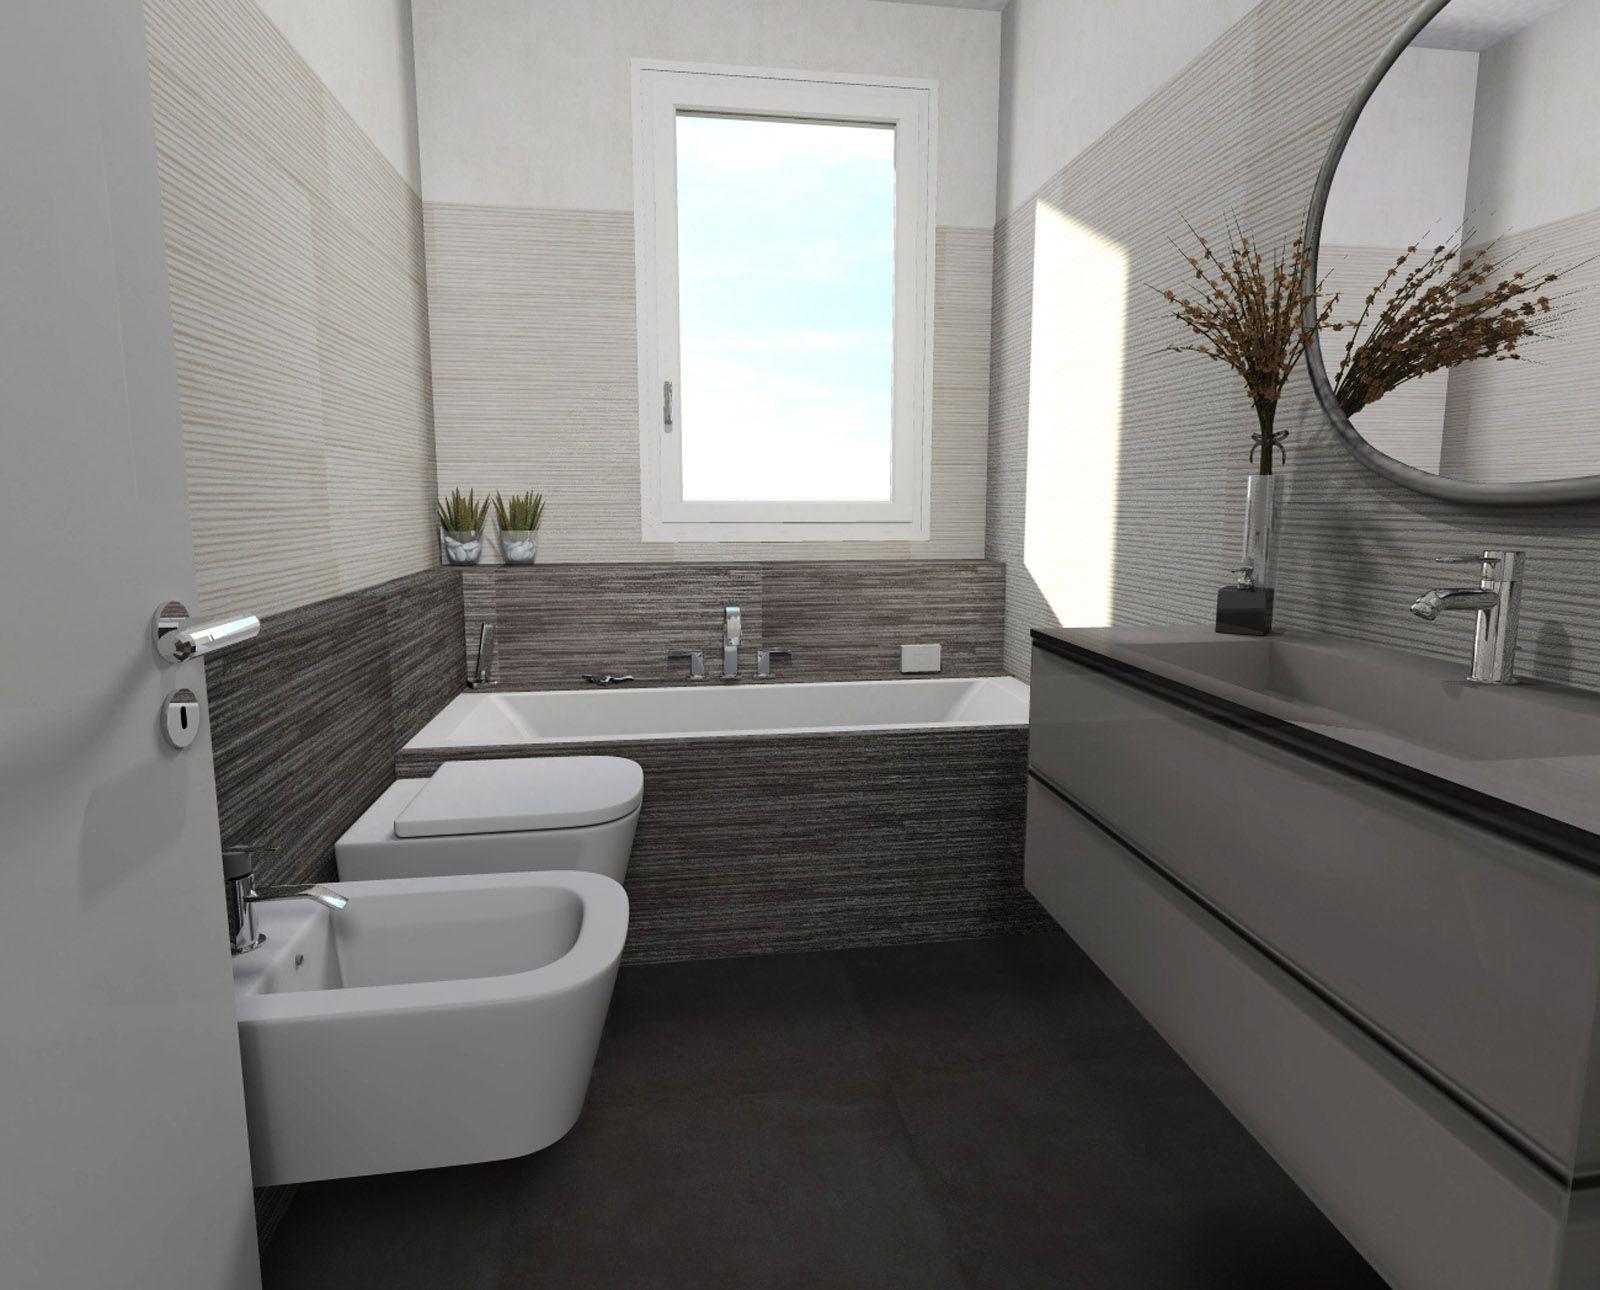 oltre 25 fantastiche idee su bagni moderni su pinterest | design ... - Bagni Moderni Immagini